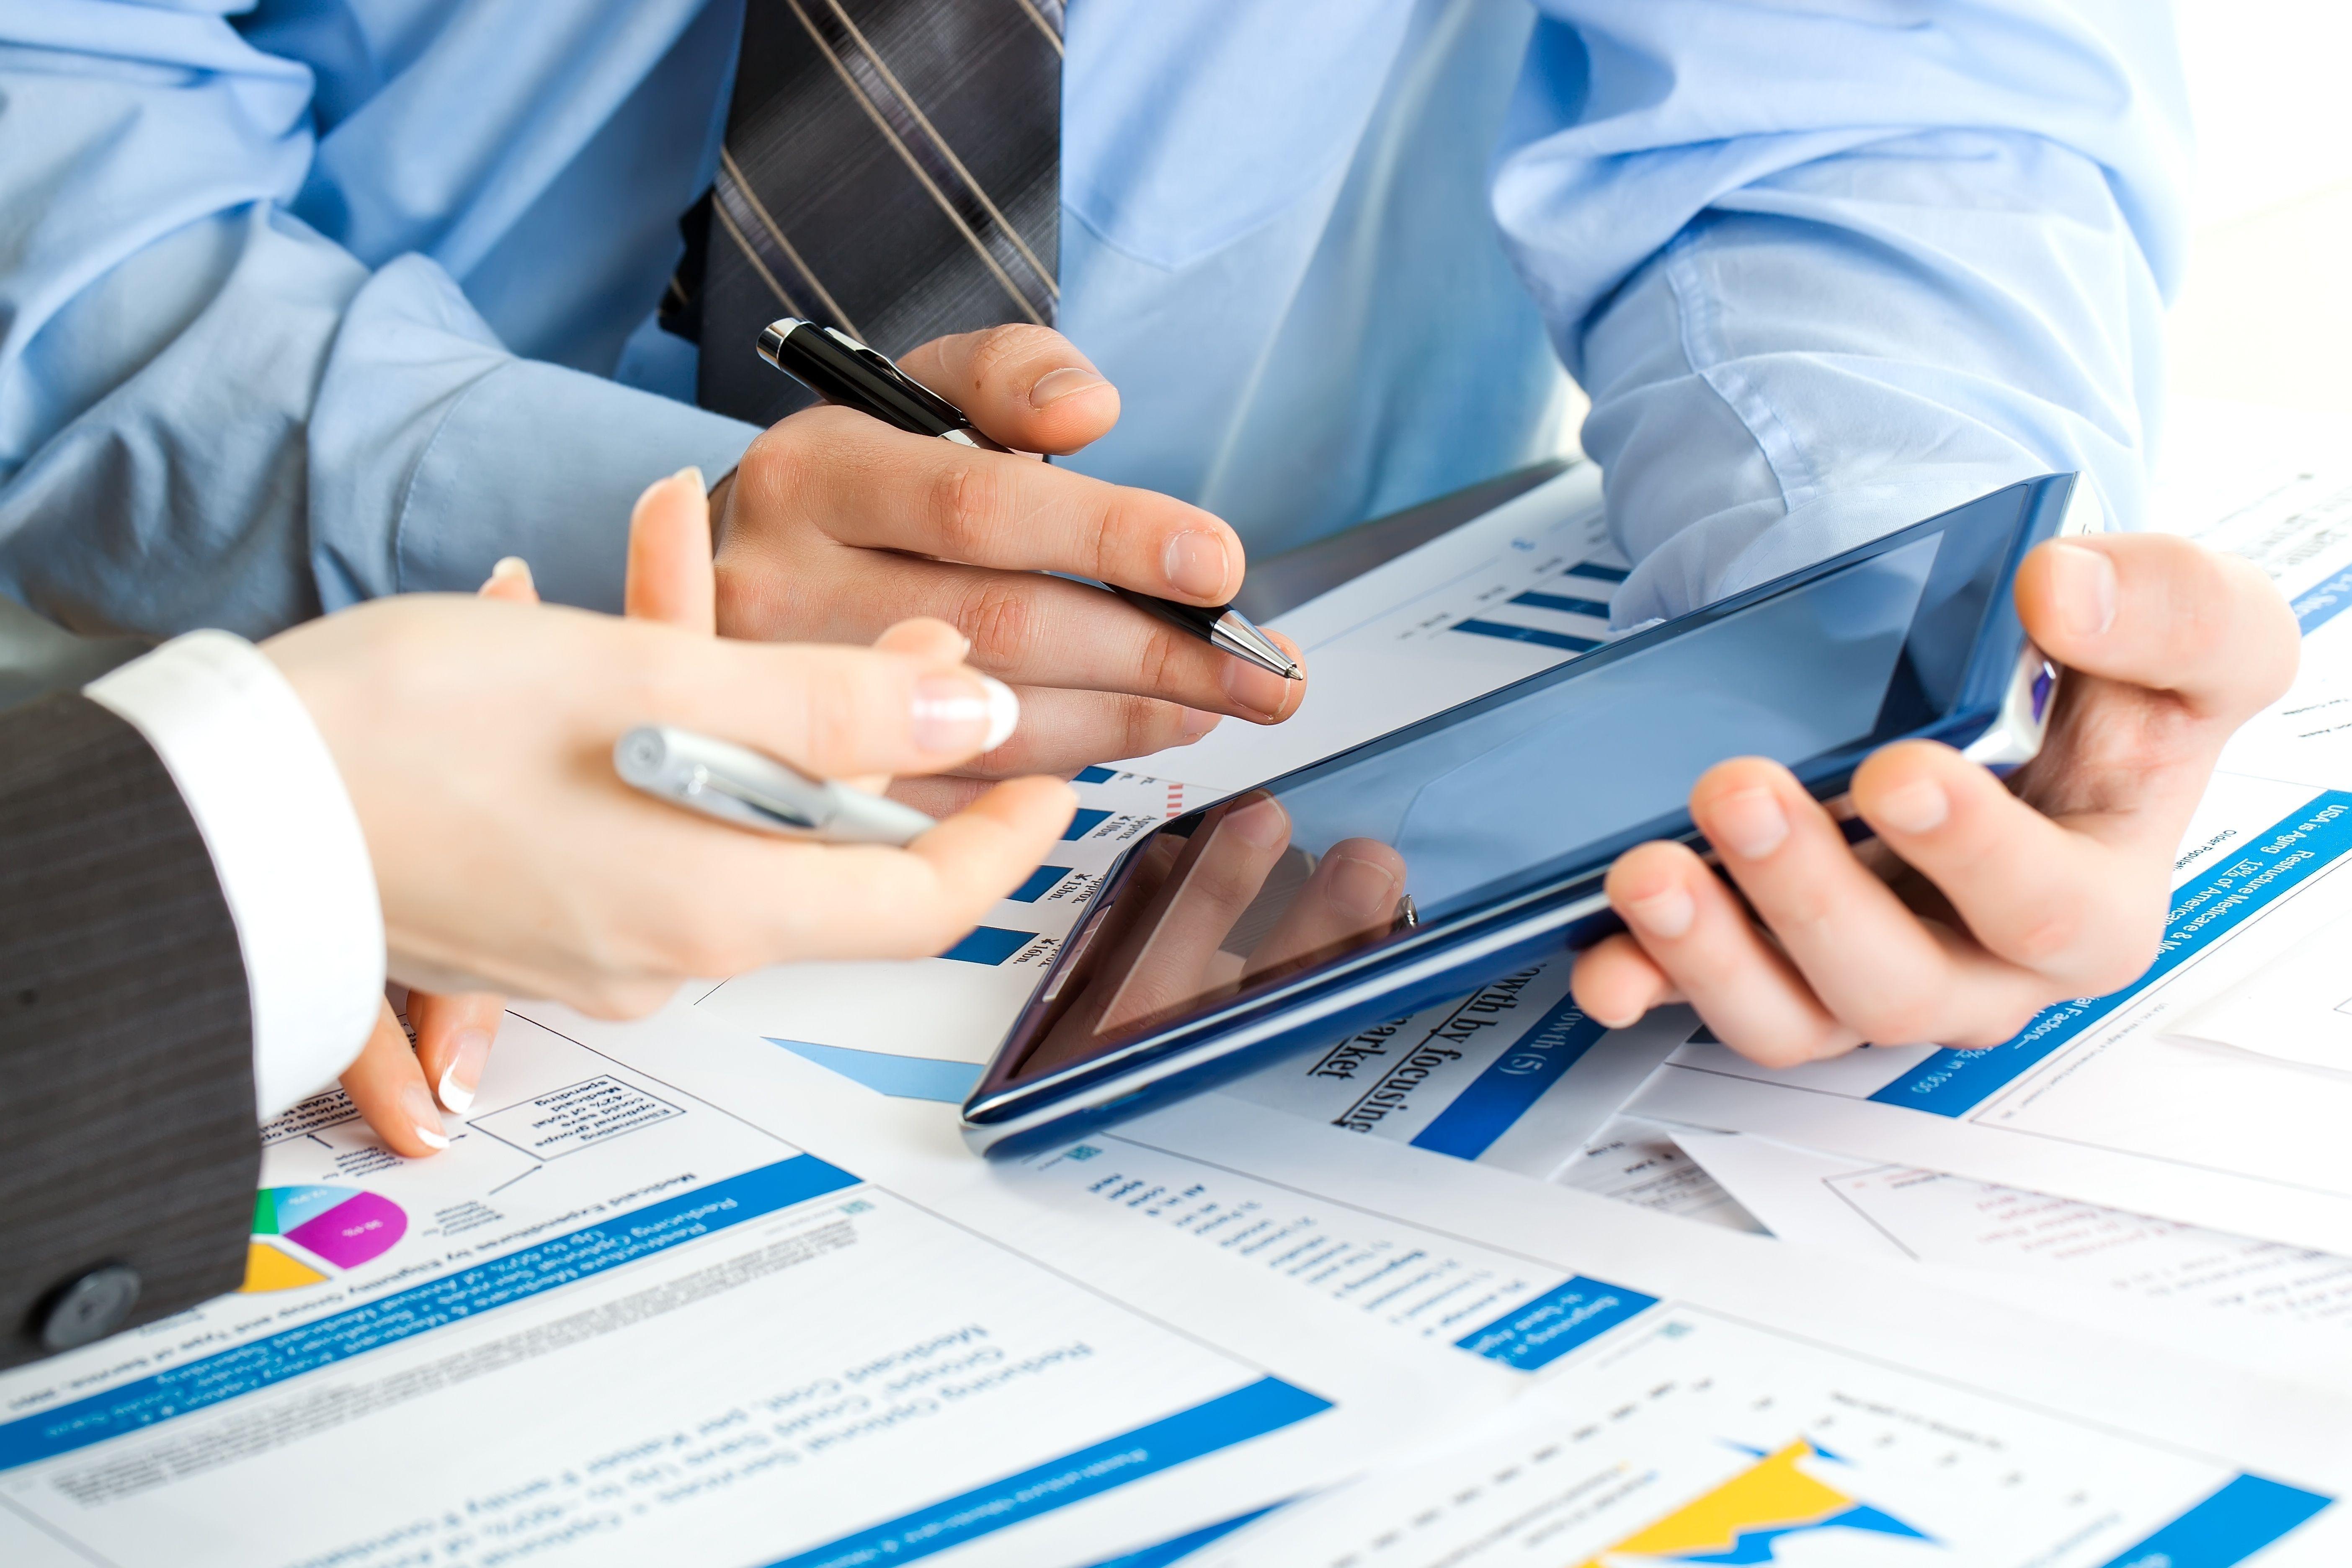 A1 cash advance loans picture 8